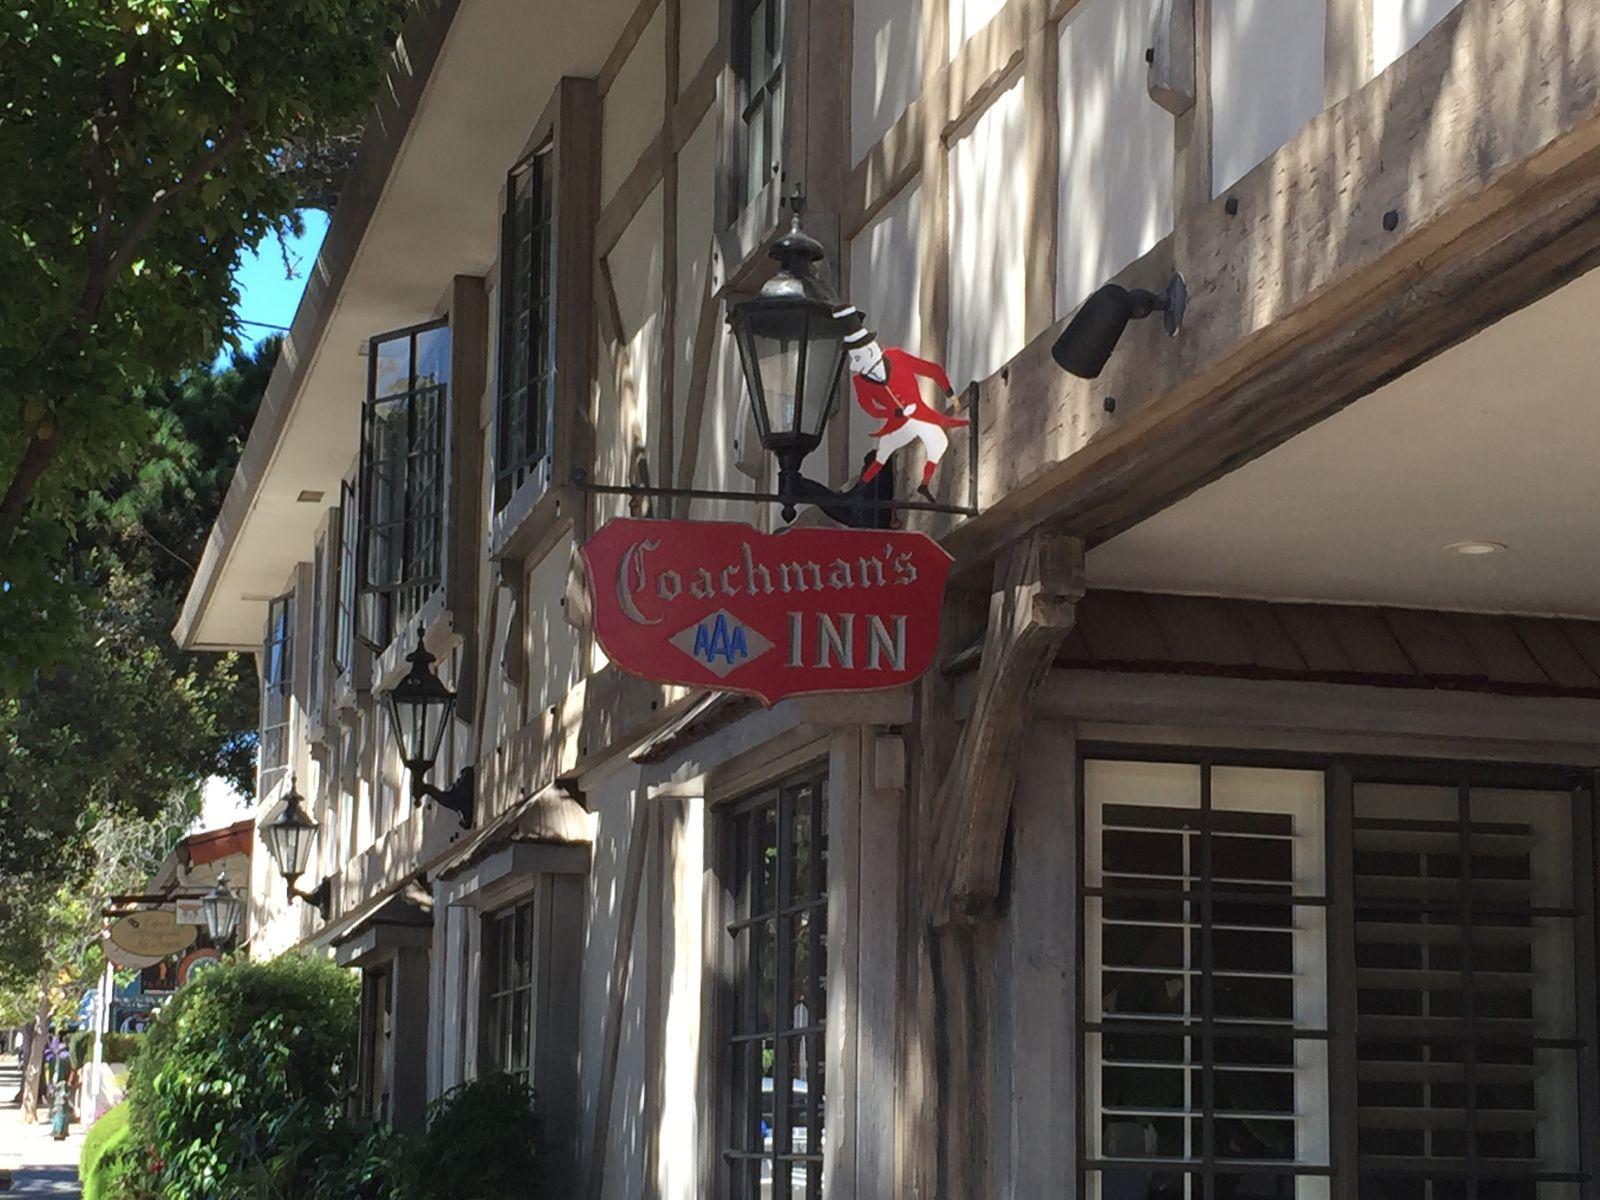 Coachmans Inn Entryway